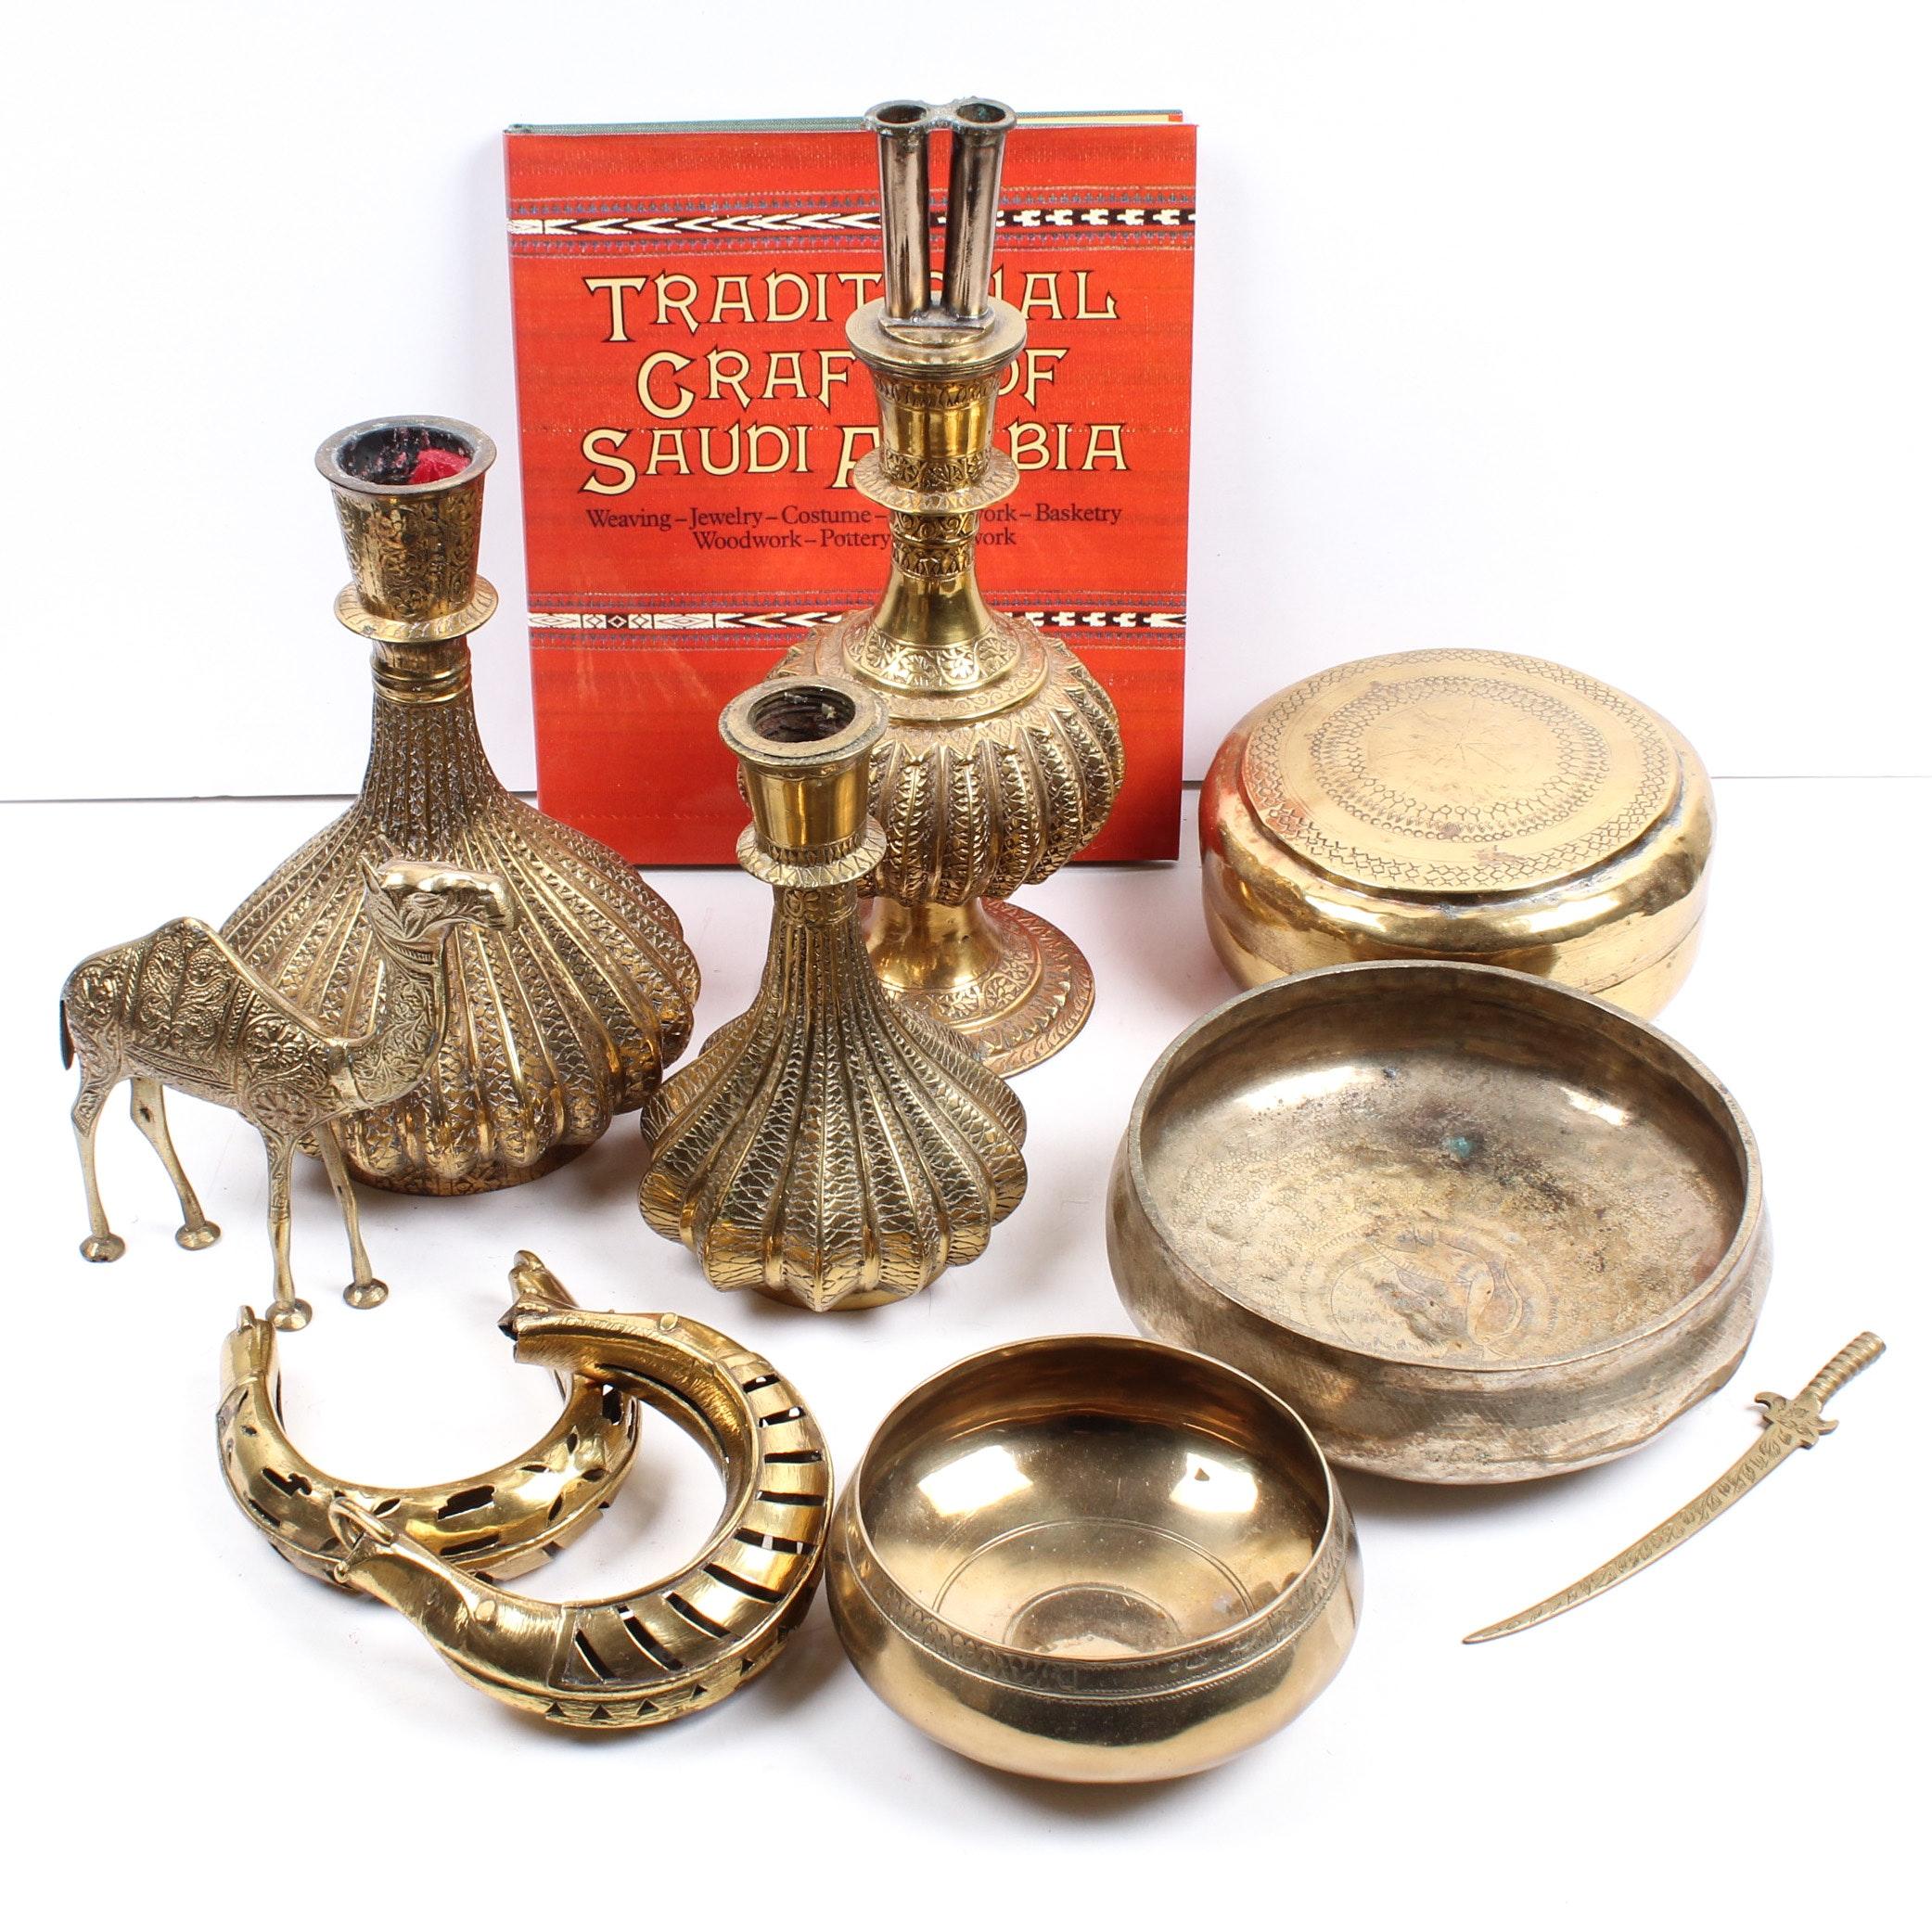 Saudi Arabian Brass Decor Featuring Camel Bracelets